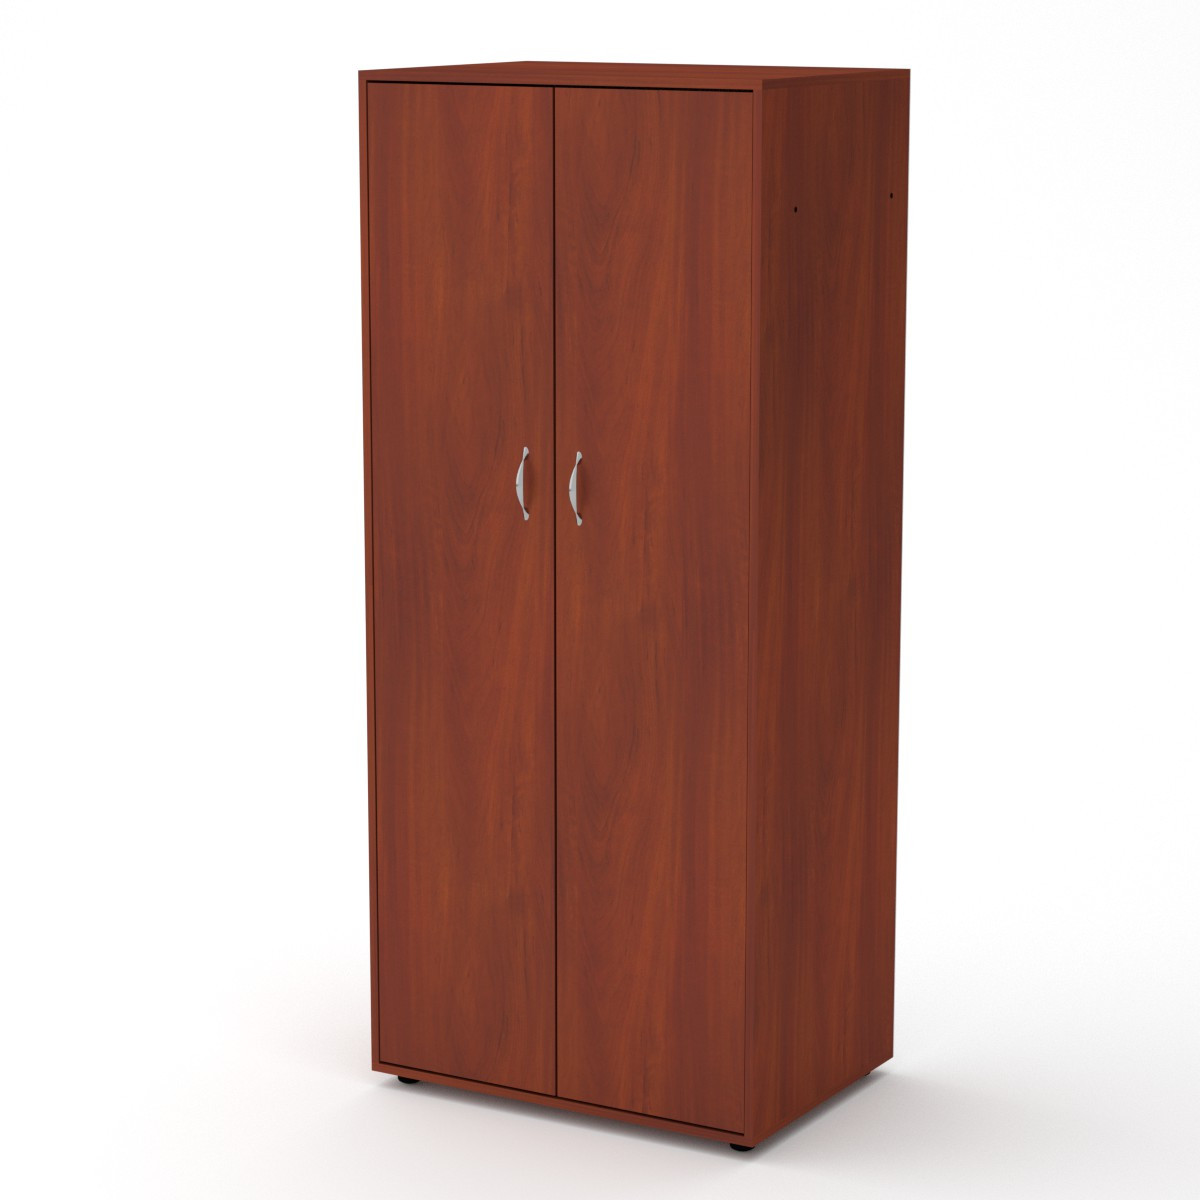 Шкаф-2 яблоня Компанит (79х55х183 см)